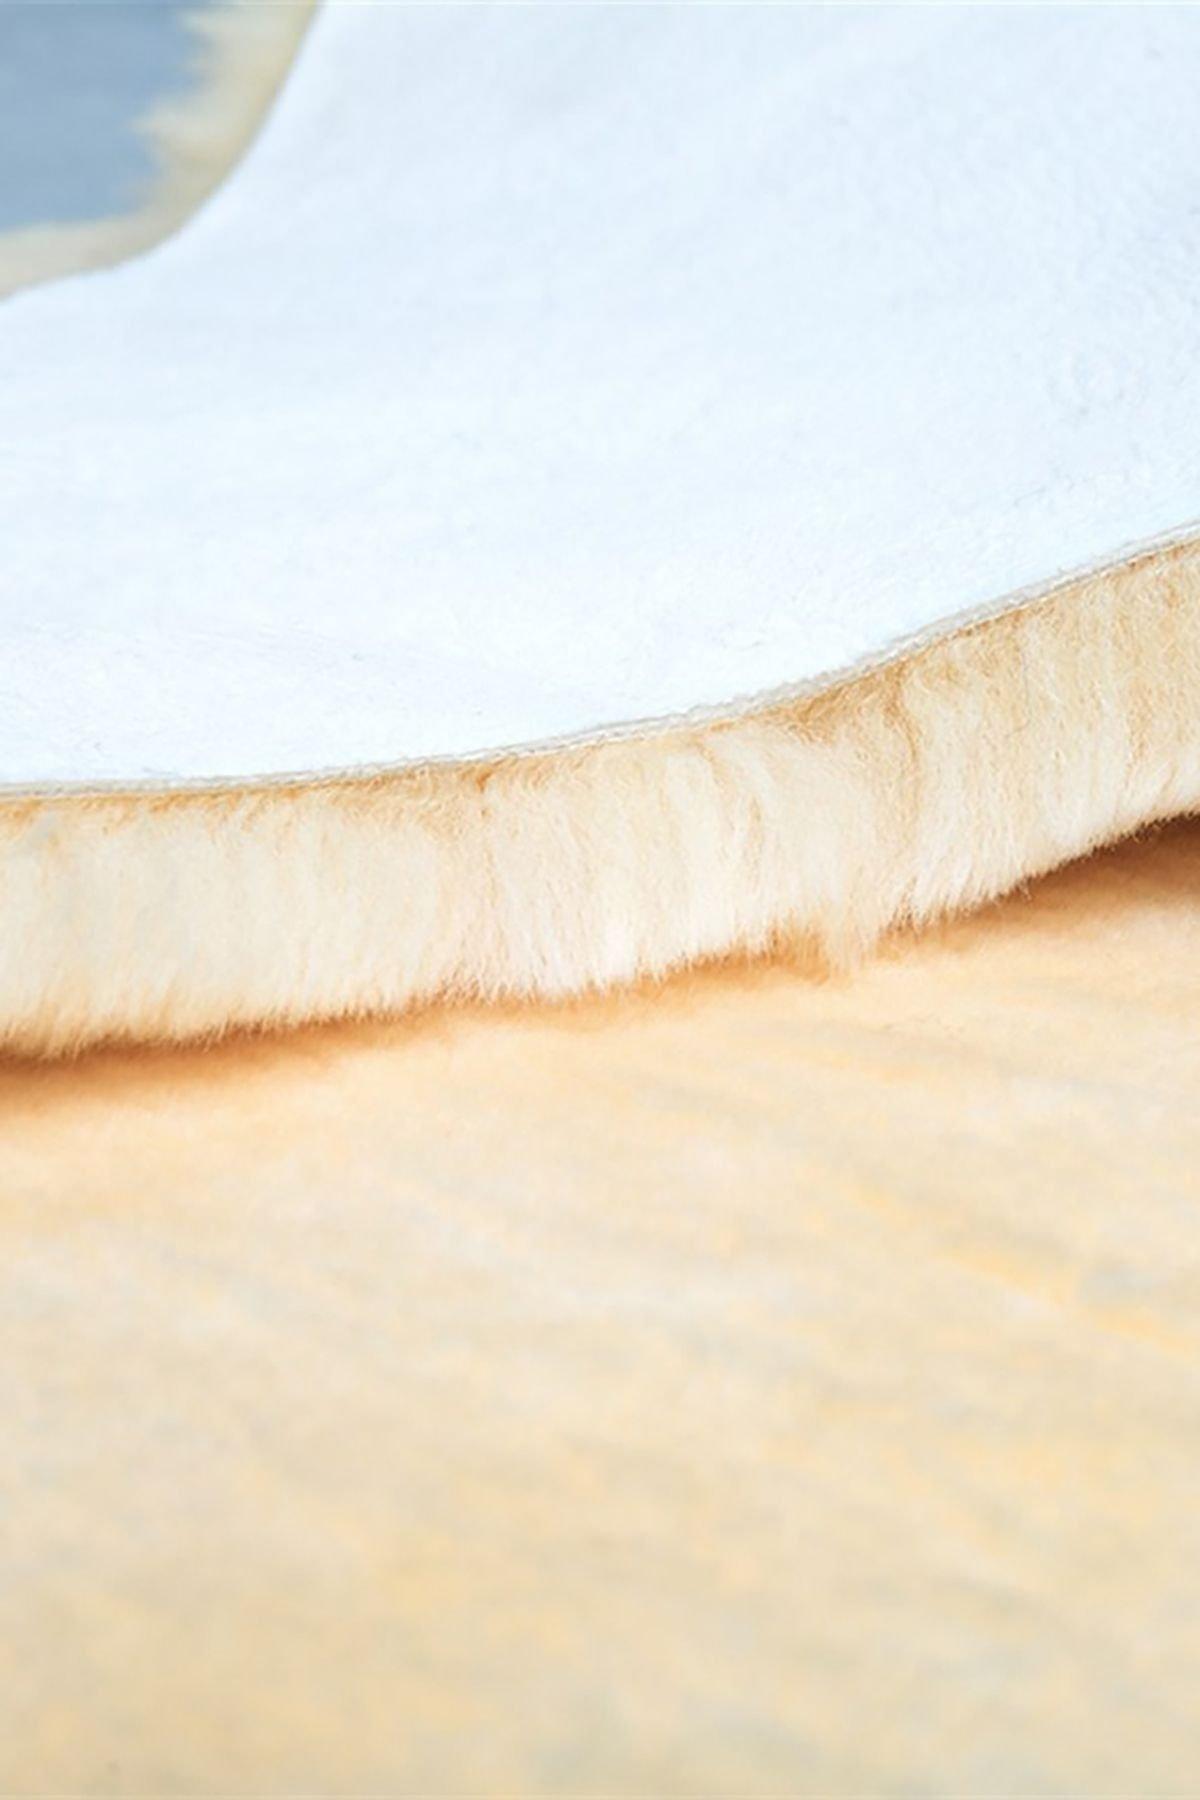 Sheepy Care Medikal Koyun Postu - Yatak İçin MDK001 Naturel